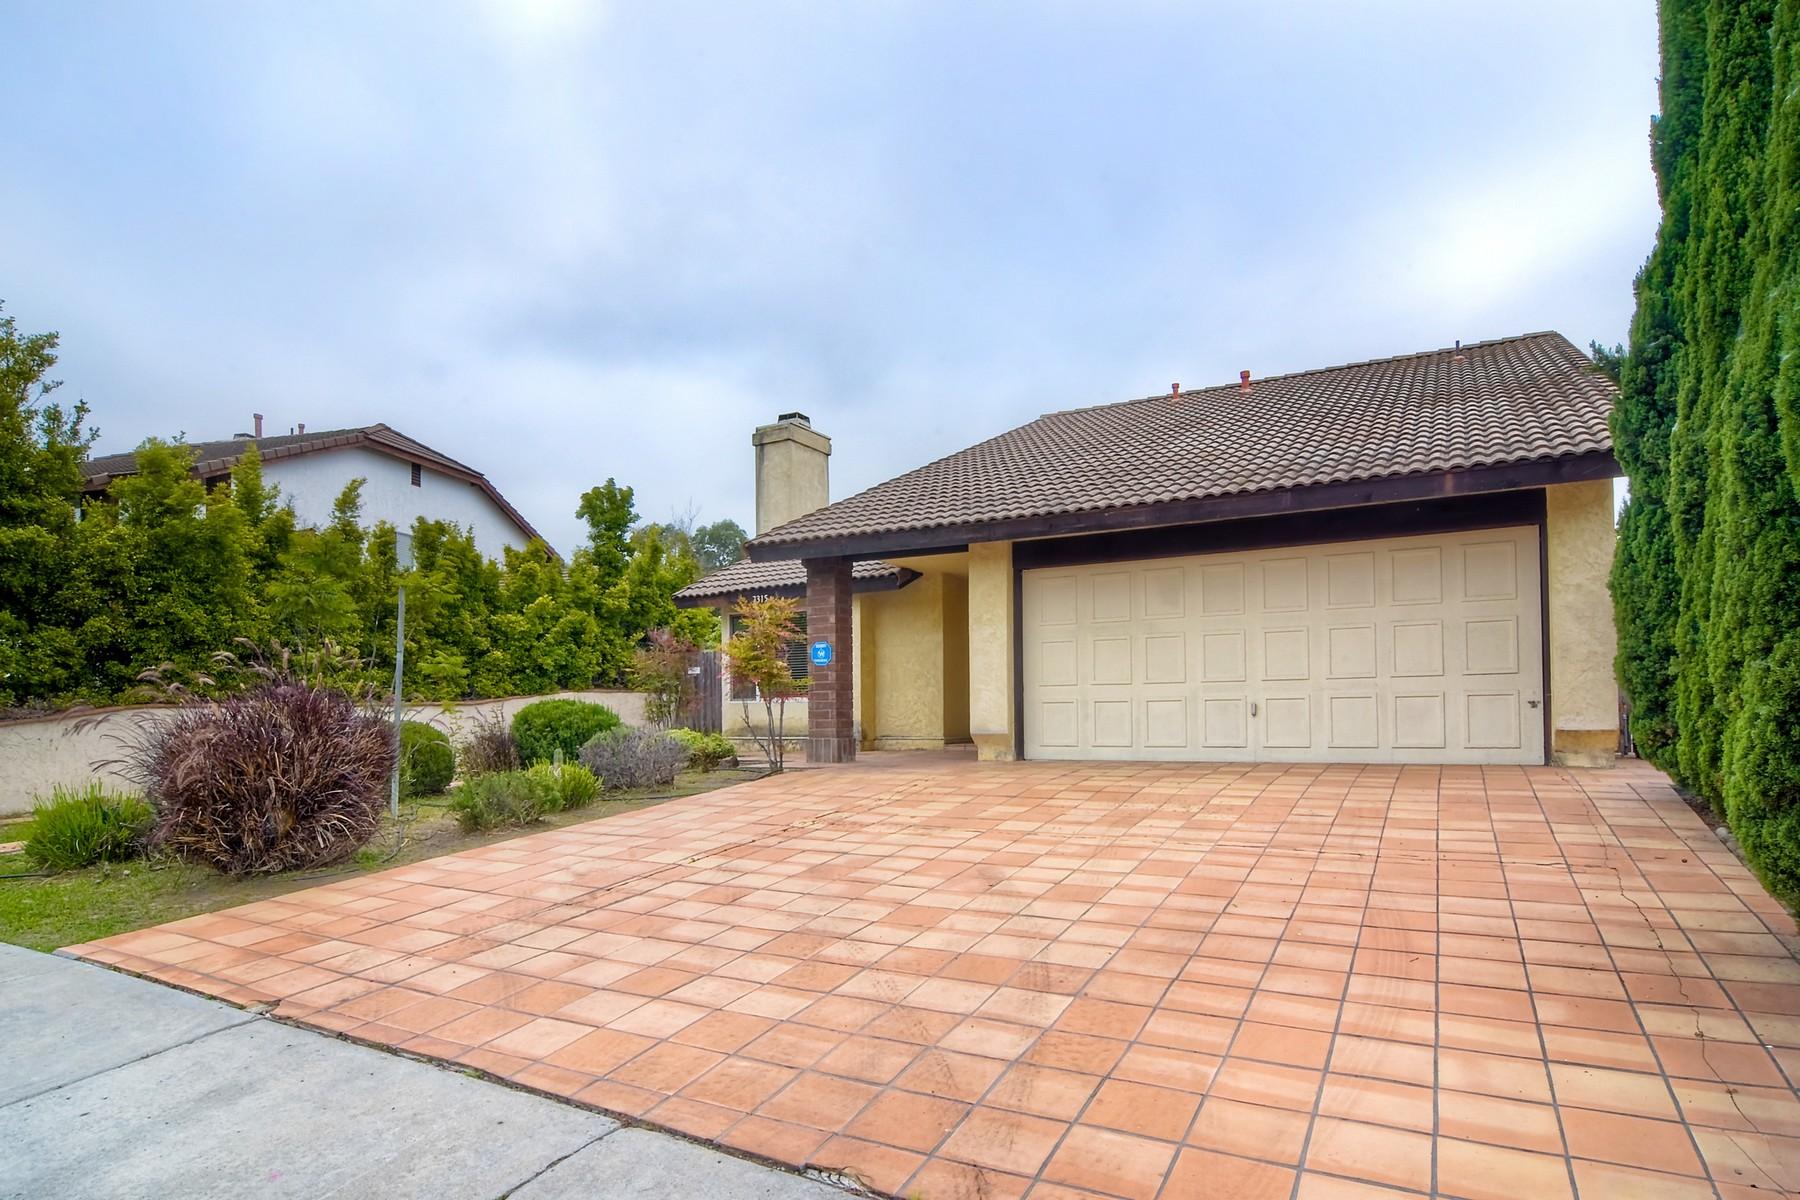 一戸建て のために 売買 アット 7315 Rock Canyon 7315 Rock Canyon Drive San Diego, カリフォルニア, 92126 アメリカ合衆国